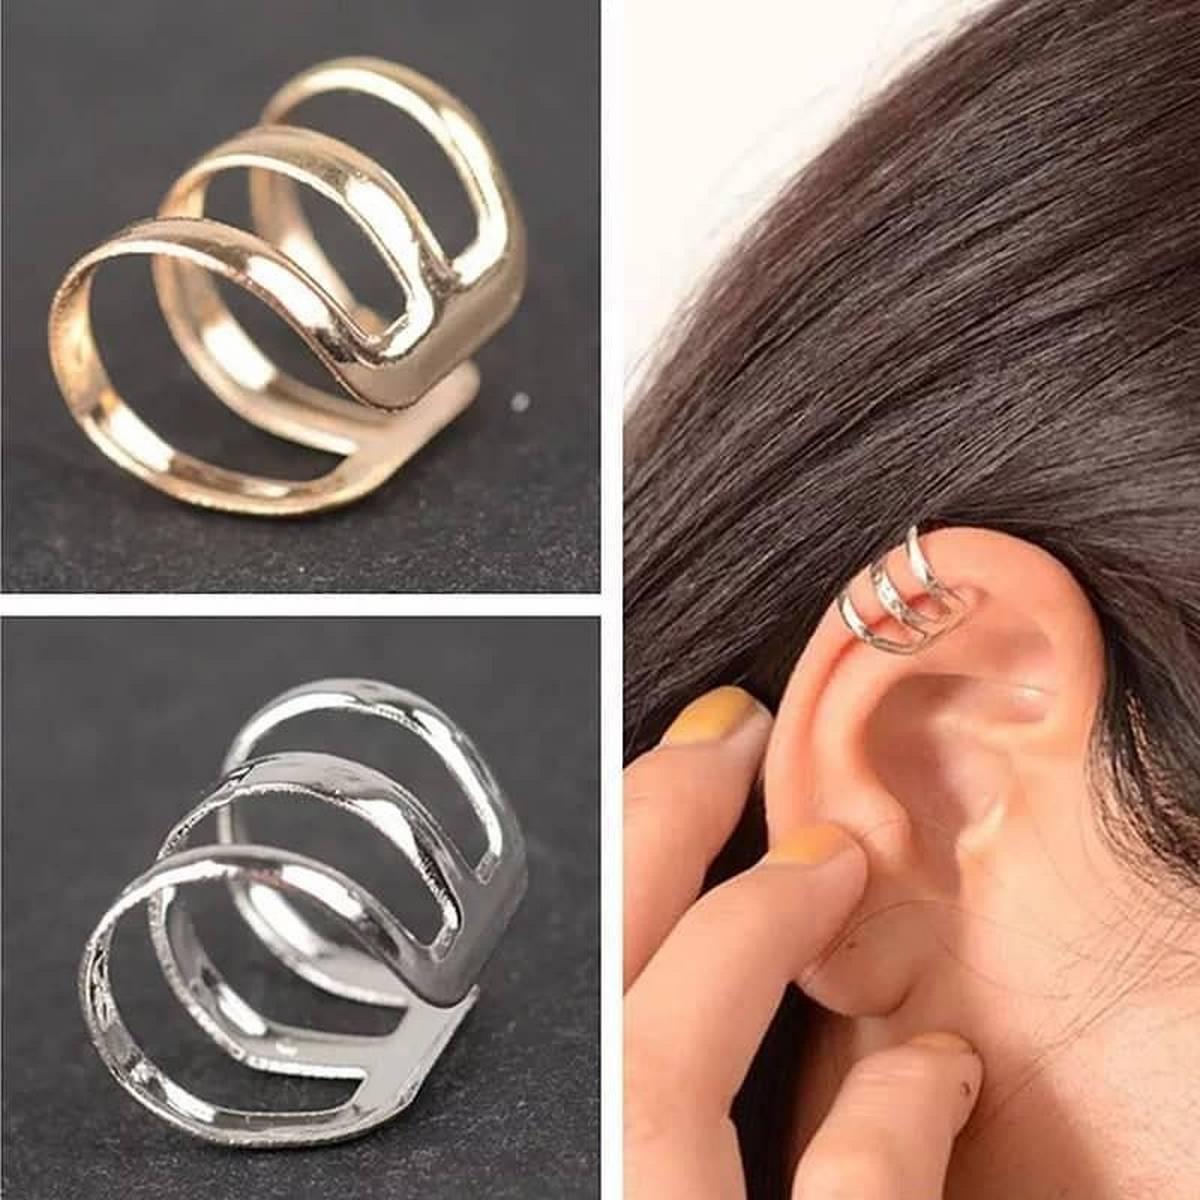 Single Piece Silver Earcuff Girls Fashion Earring Ear cuff Trendy Jewellery Women - 01 Pc